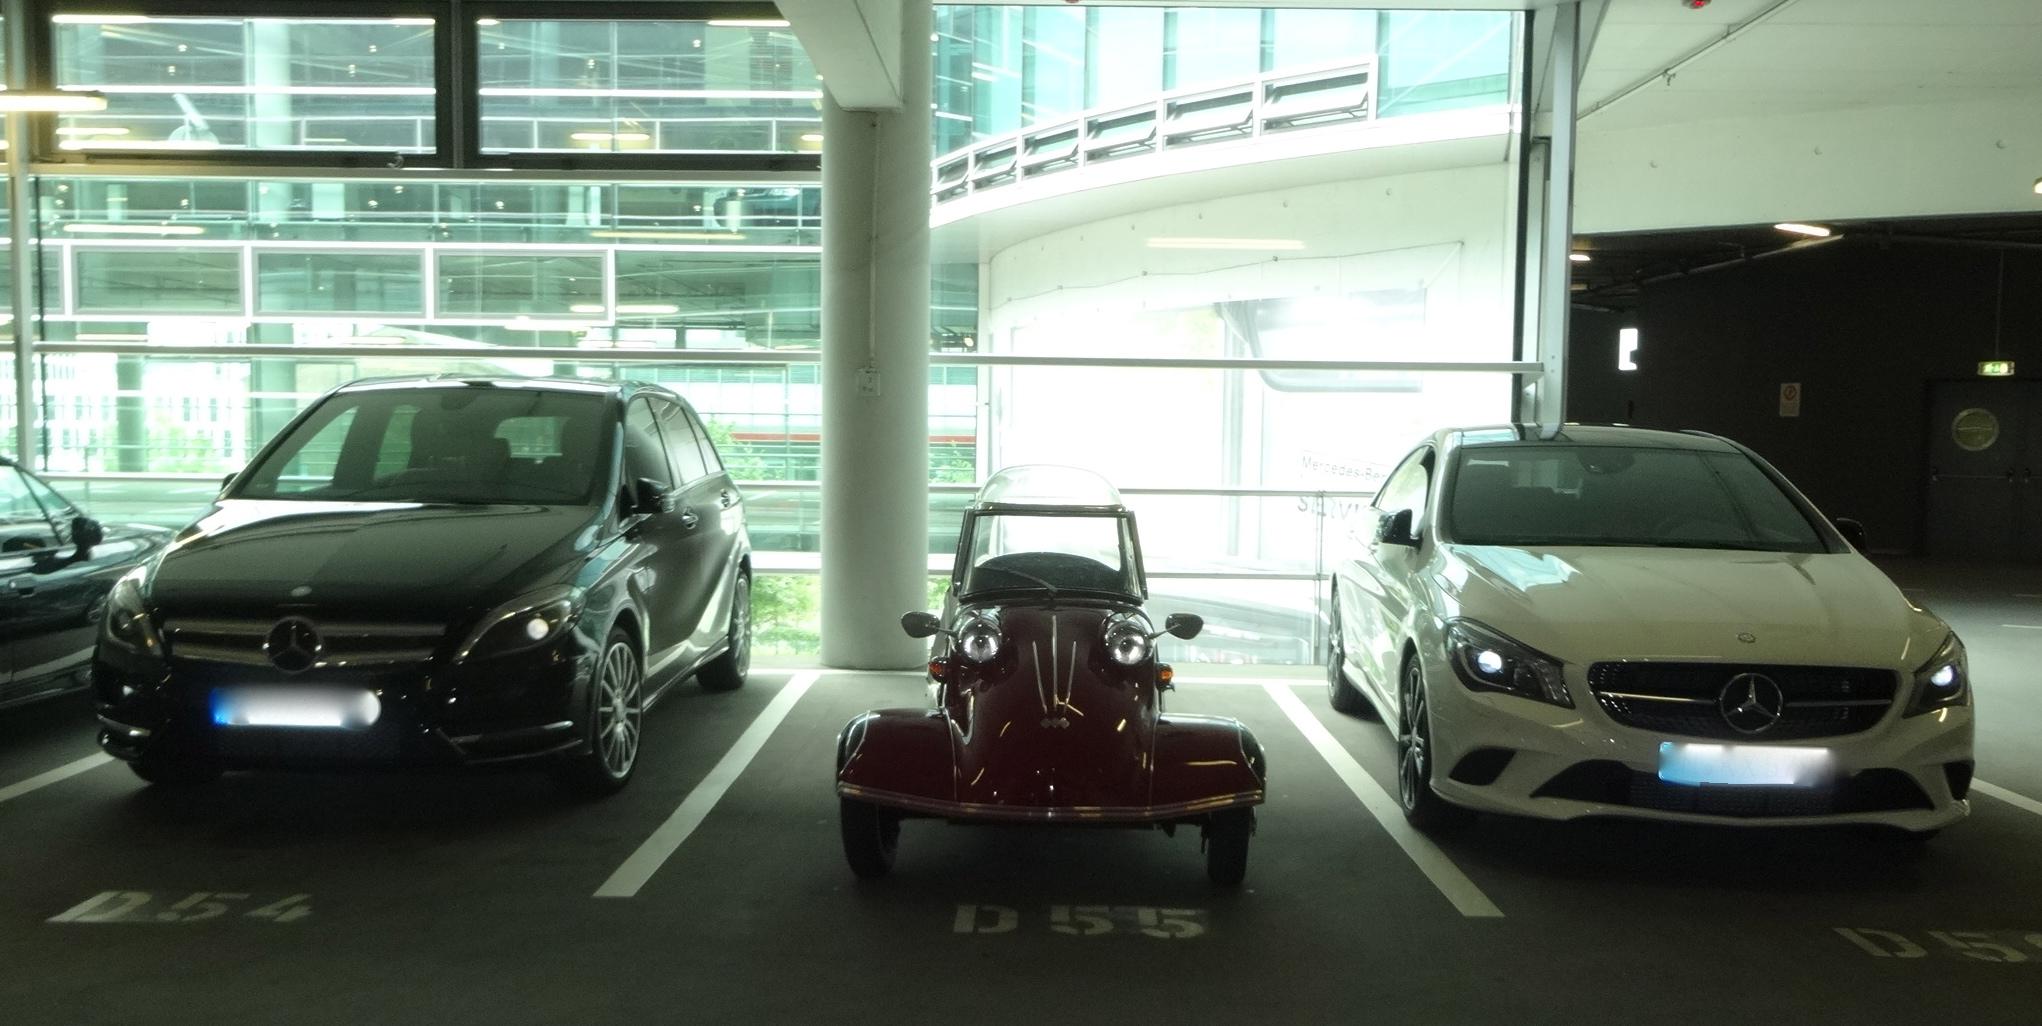 a Messerschmitt 3-wheeler between two large Mercedes cars